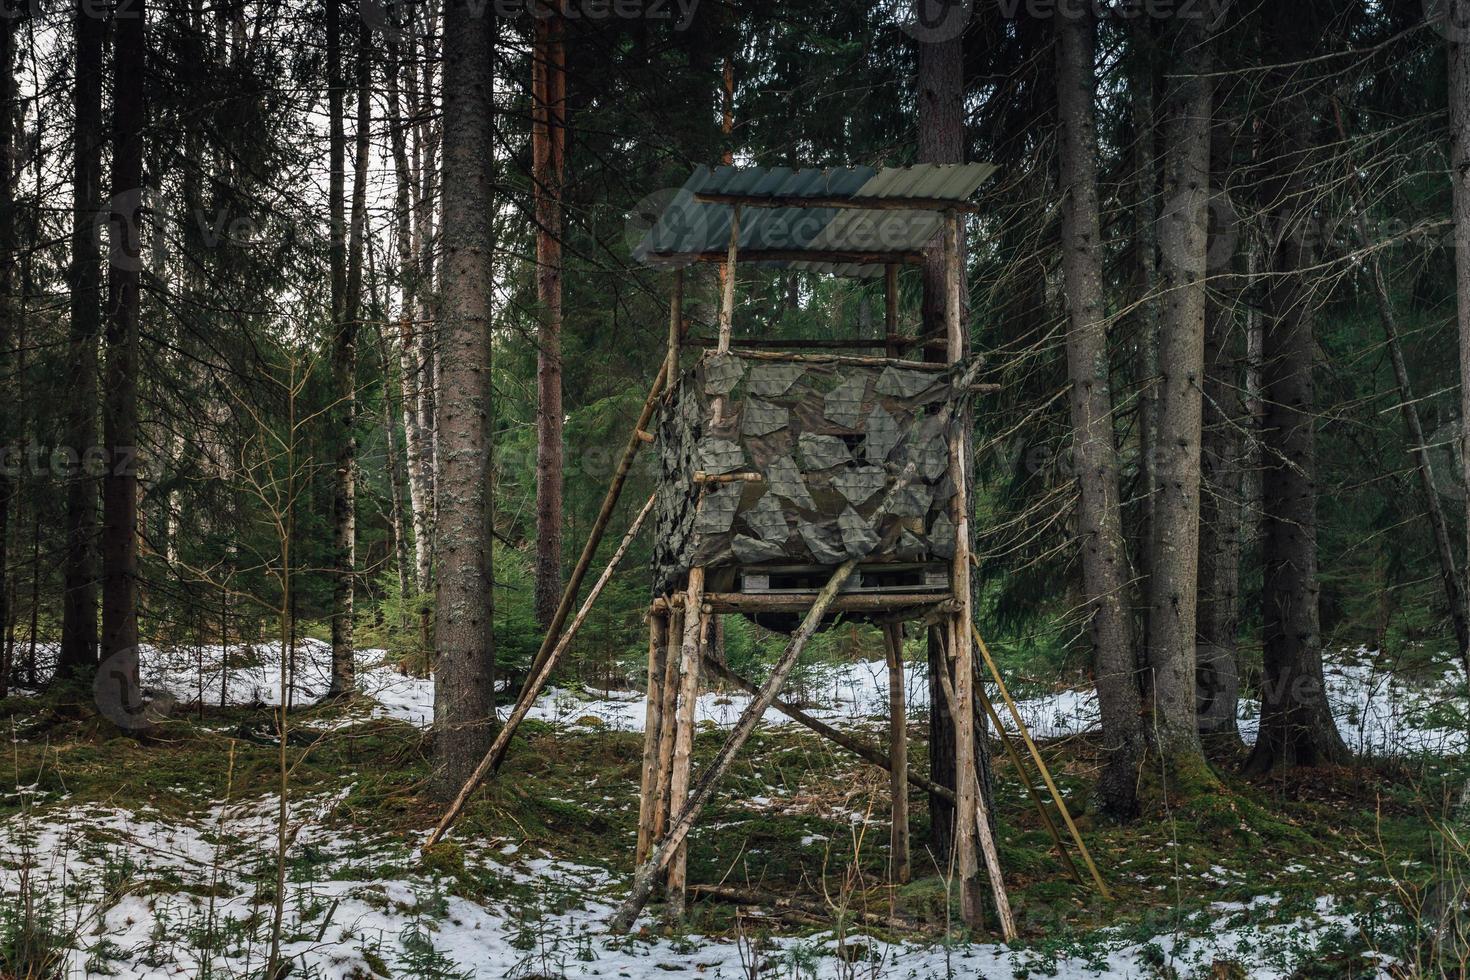 jachttoren staande in een bos foto